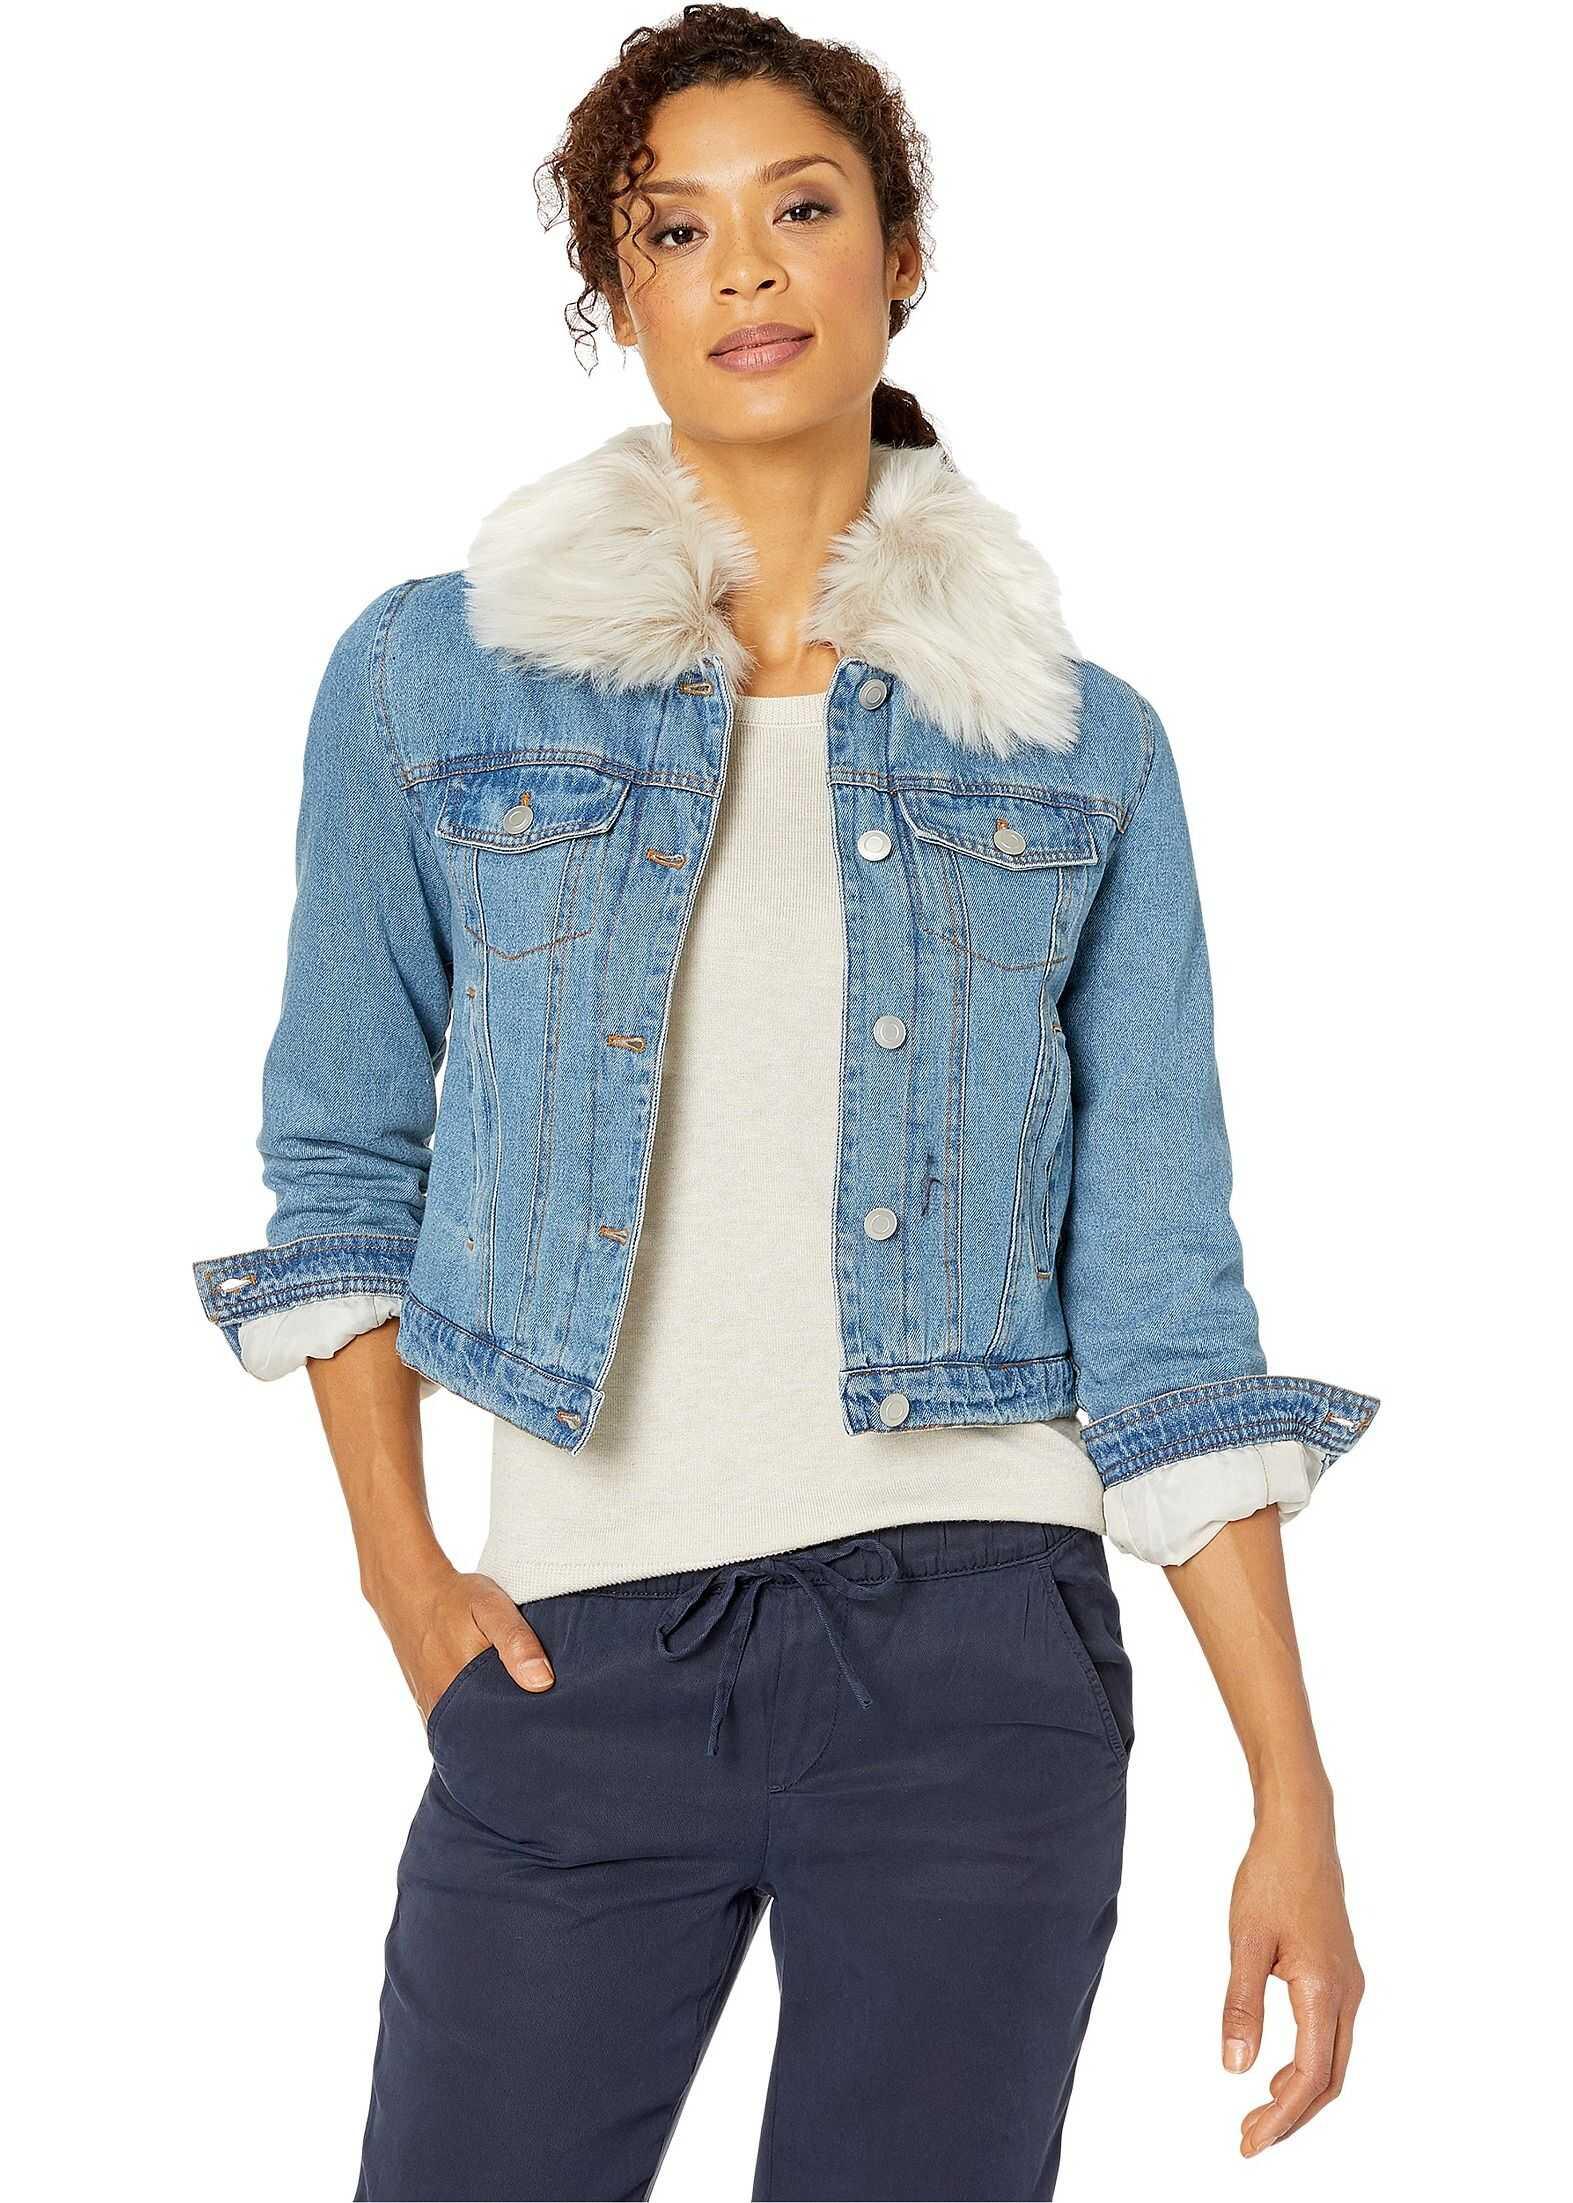 U.S. POLO ASSN. Jacket w/ Faux Fur & Sherpa Blue